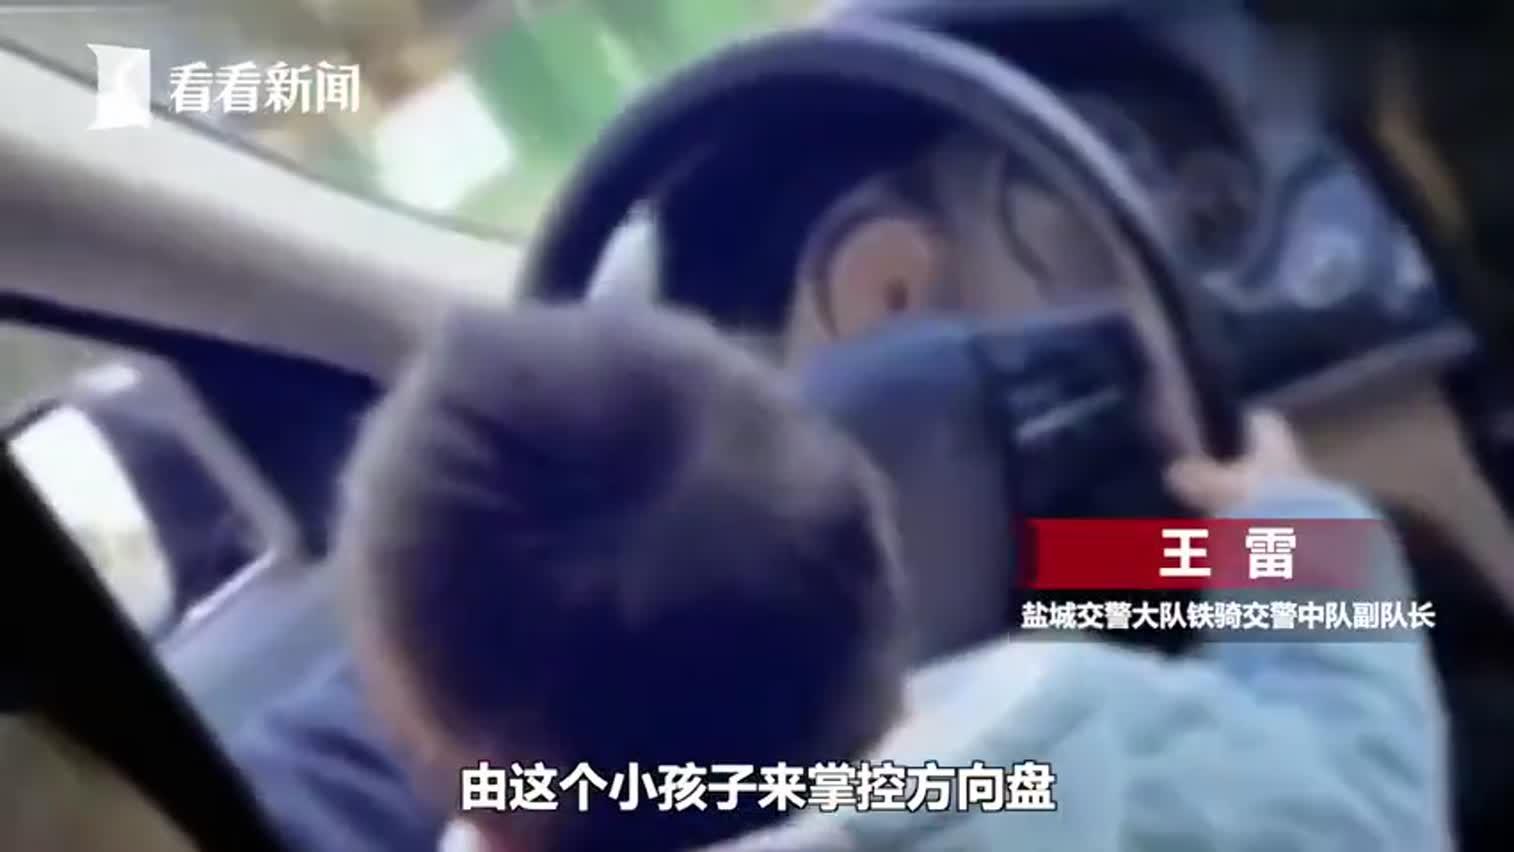 视频-爸爸让21个月的儿子开车 妈妈发朋友圈炫耀